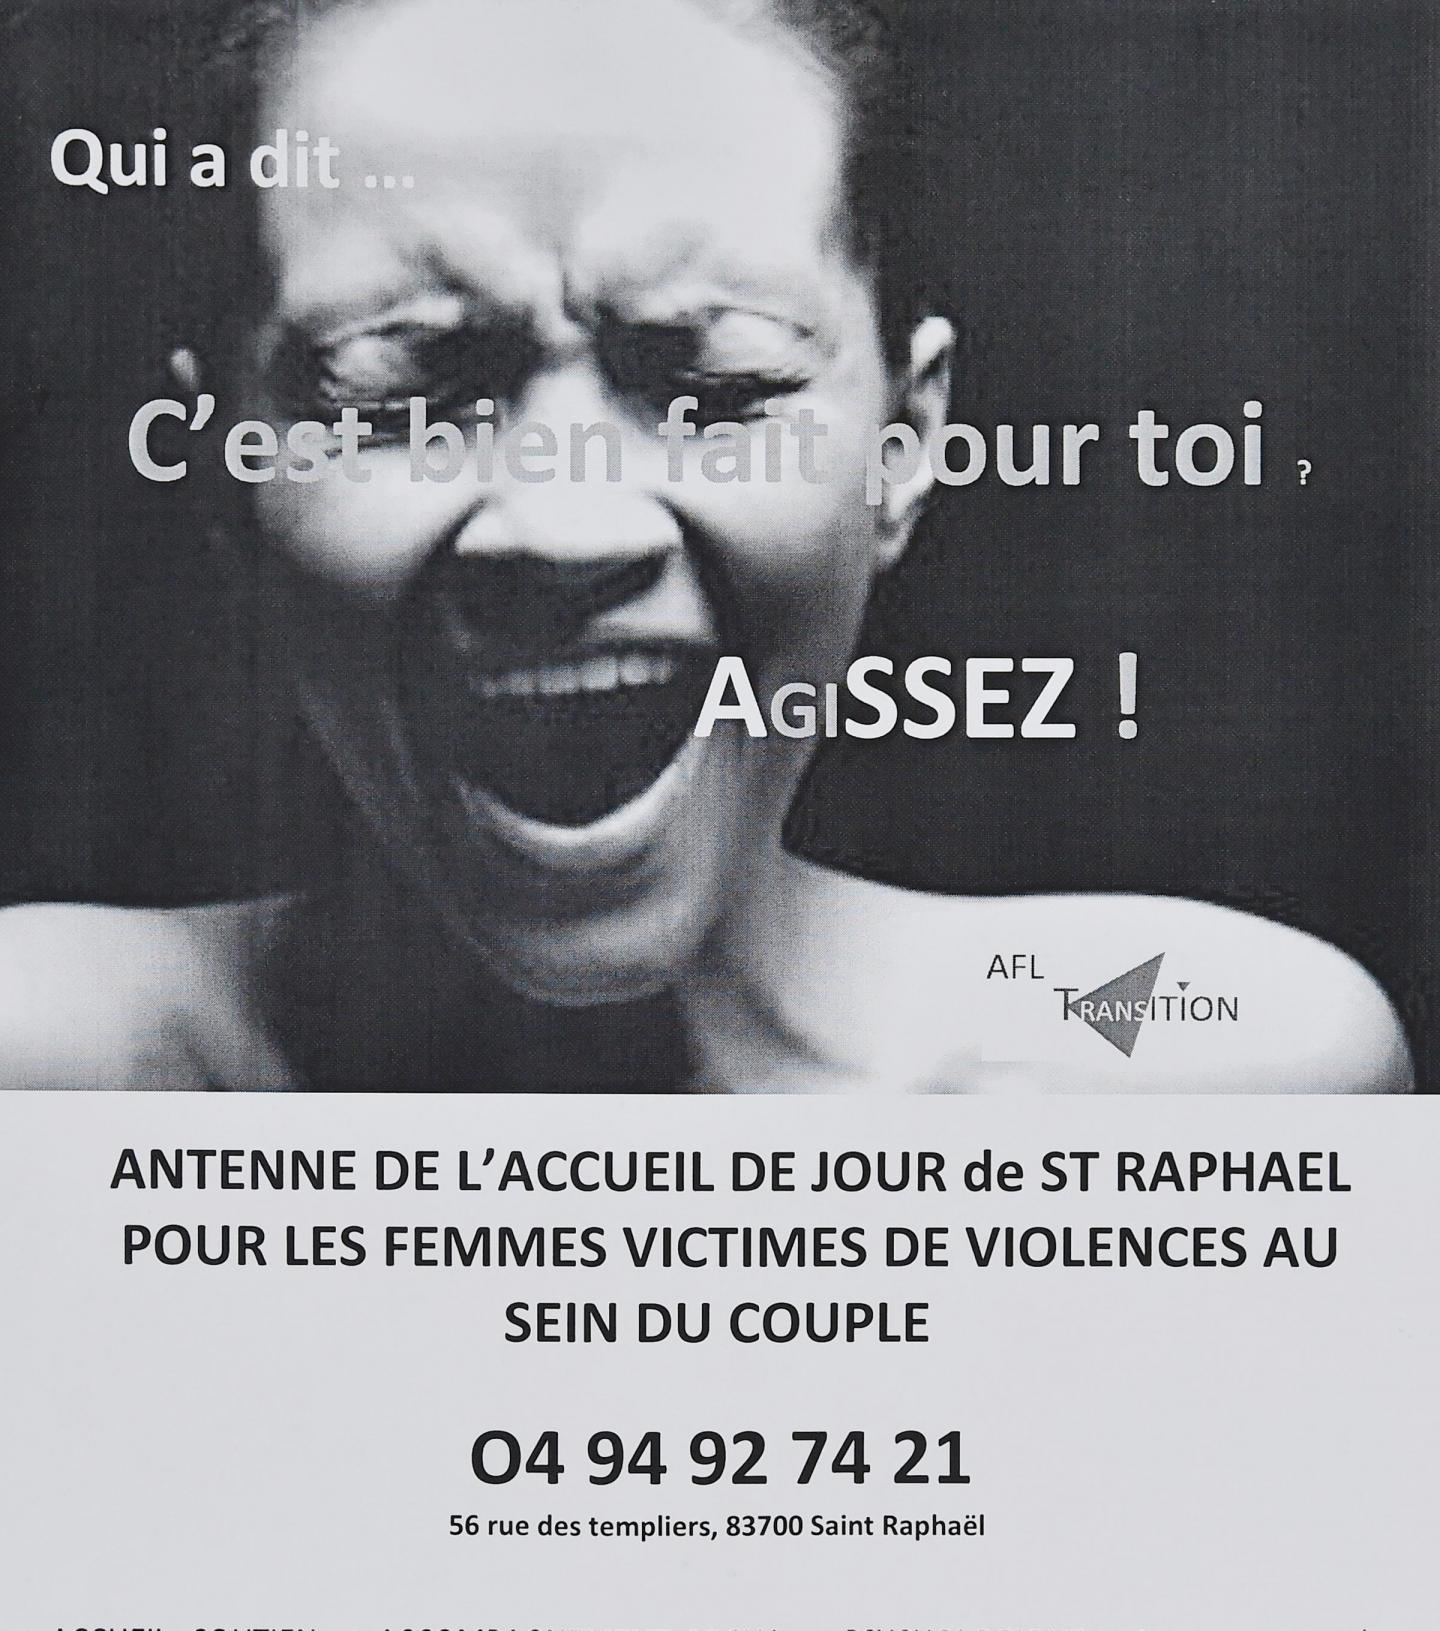 L'affiche que va diffuser la municipalité dans une grande campagne de communication.